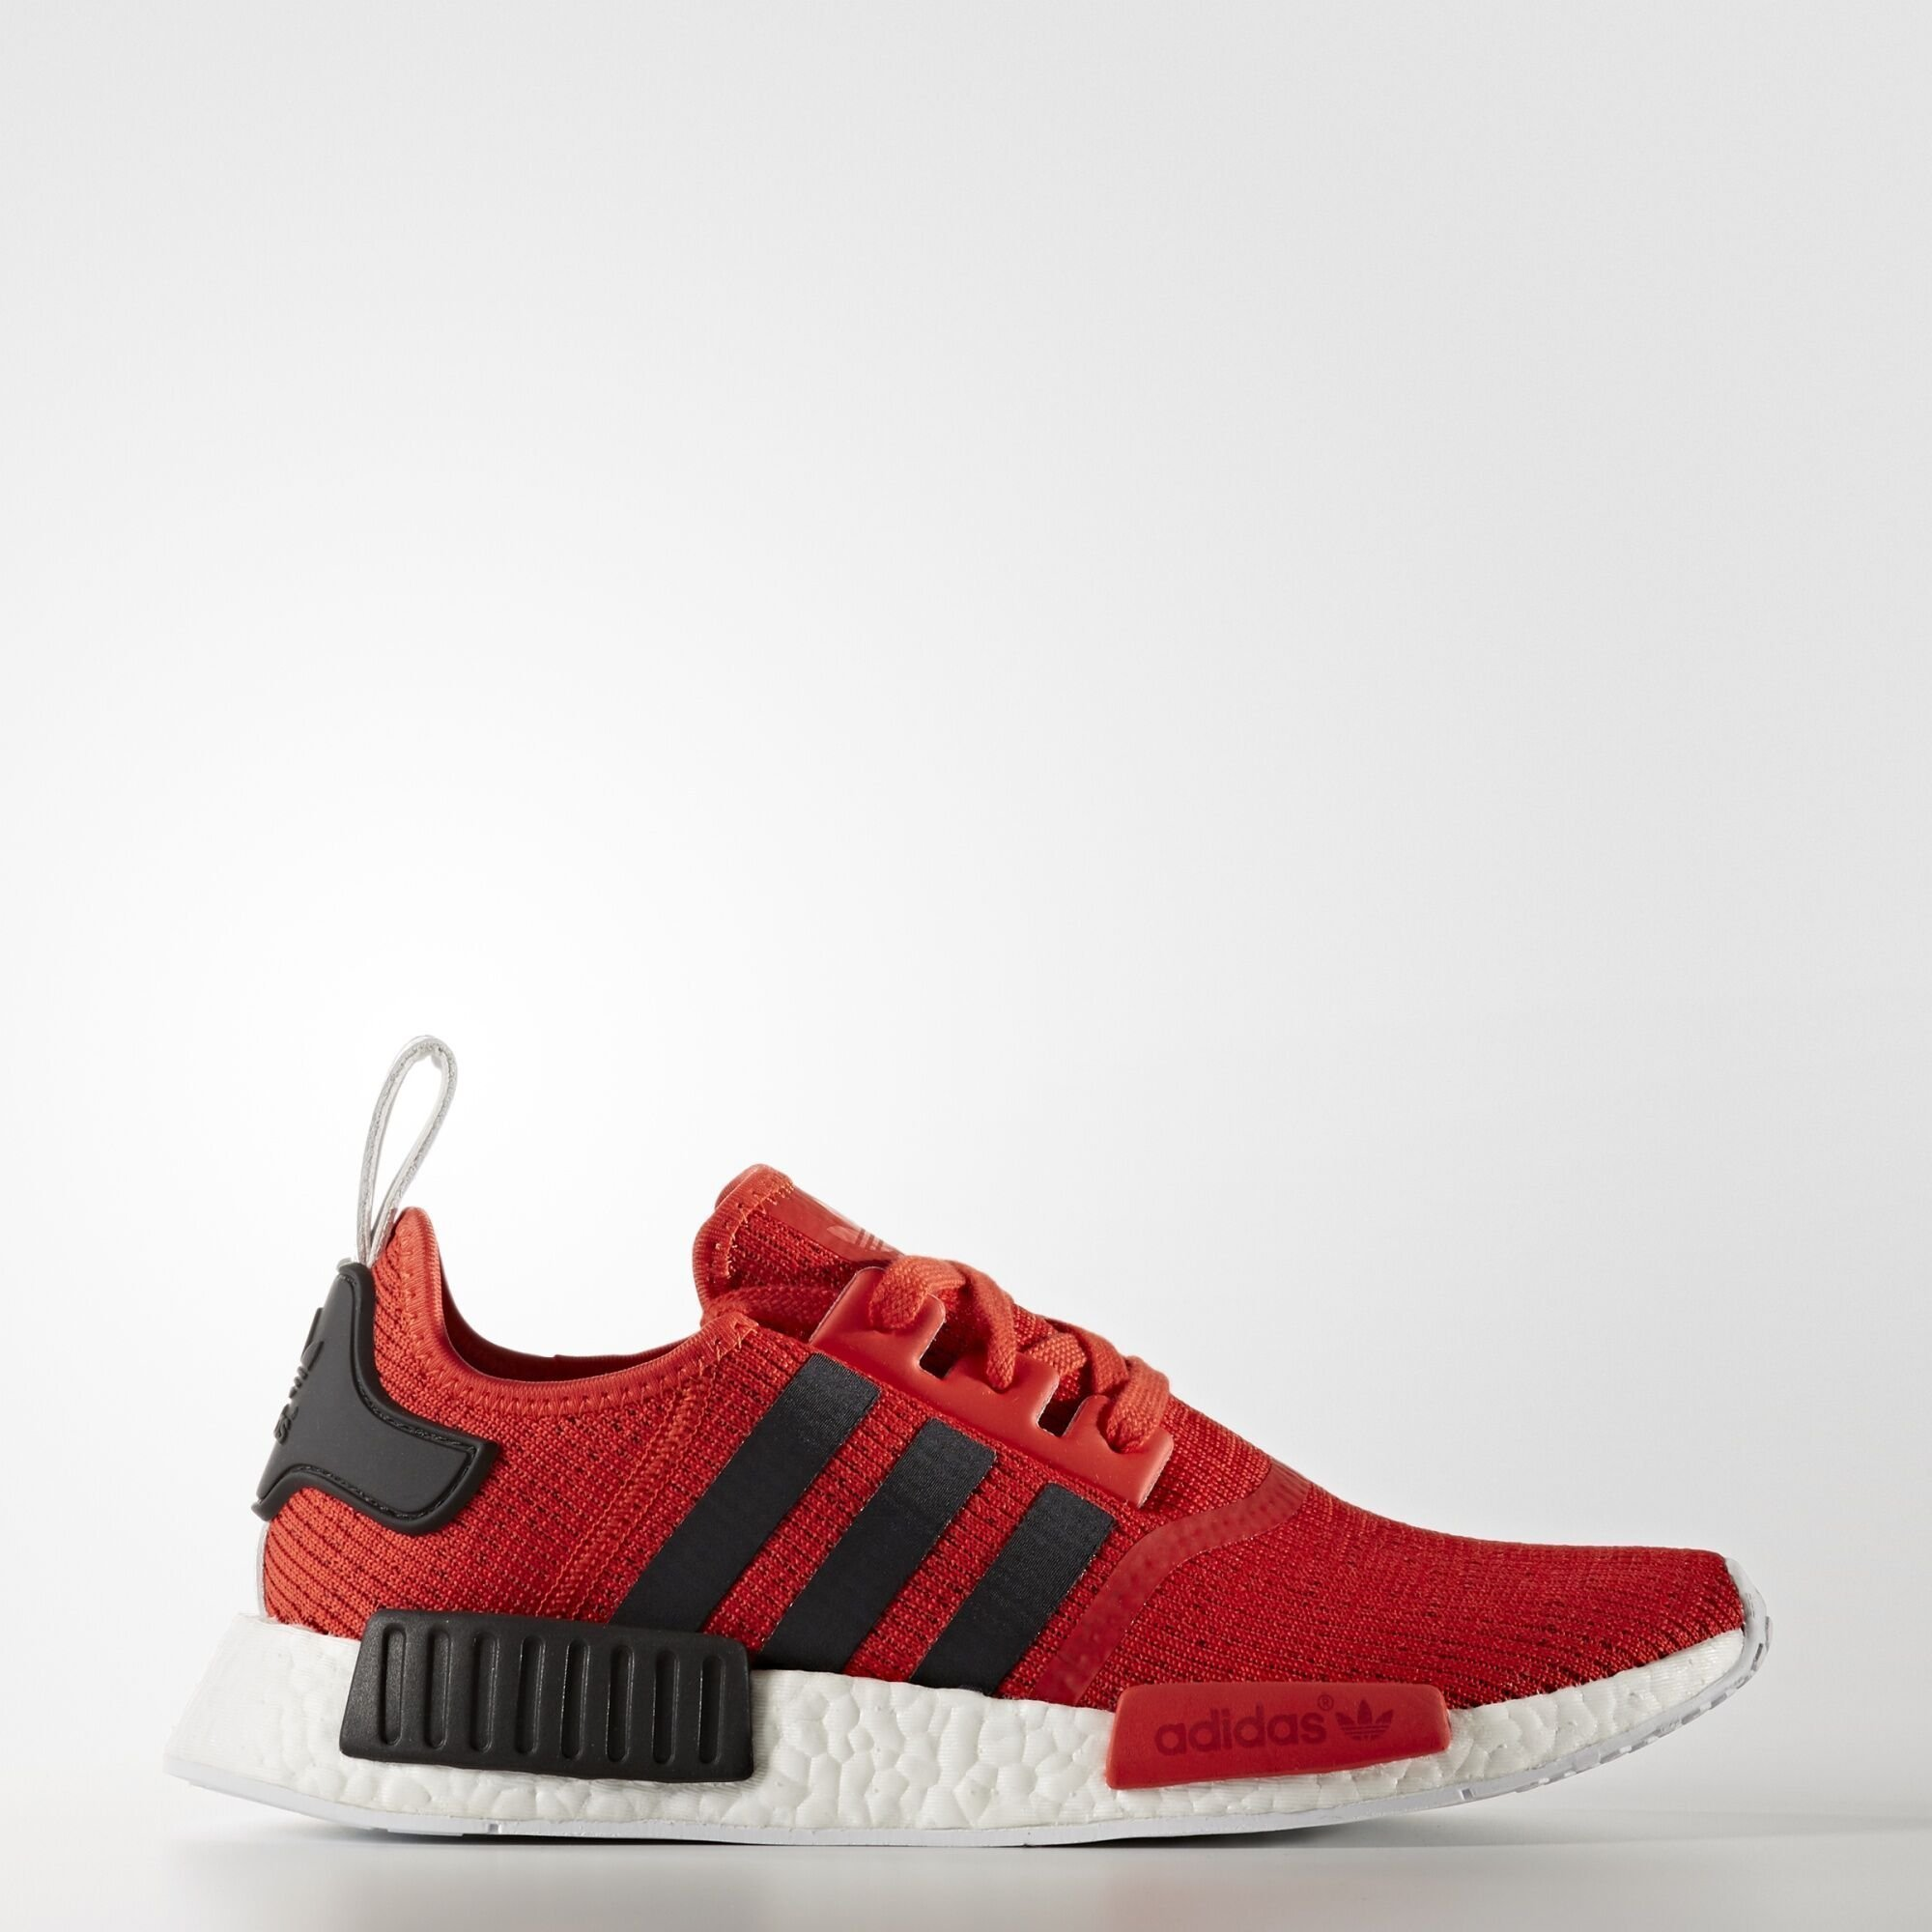 adidas  NMD R1 Red Black (BB2885)